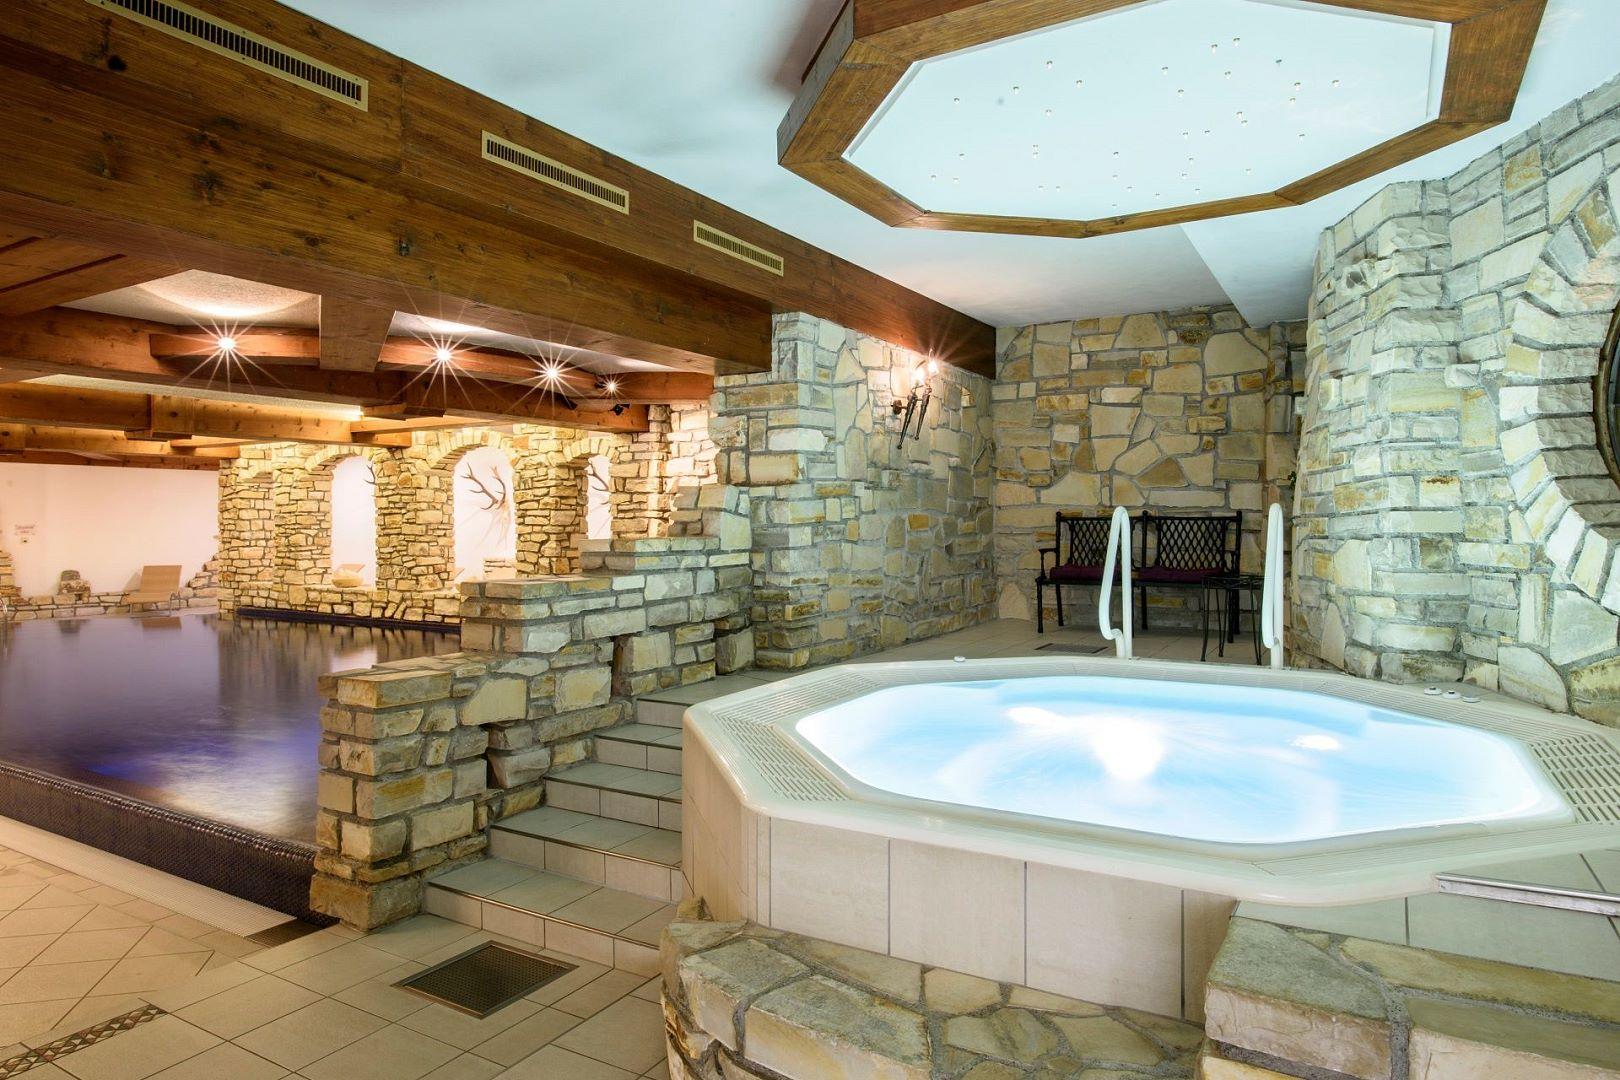 alpine spa wellnessurlaub im hotel alpenrose in schruns. Black Bedroom Furniture Sets. Home Design Ideas